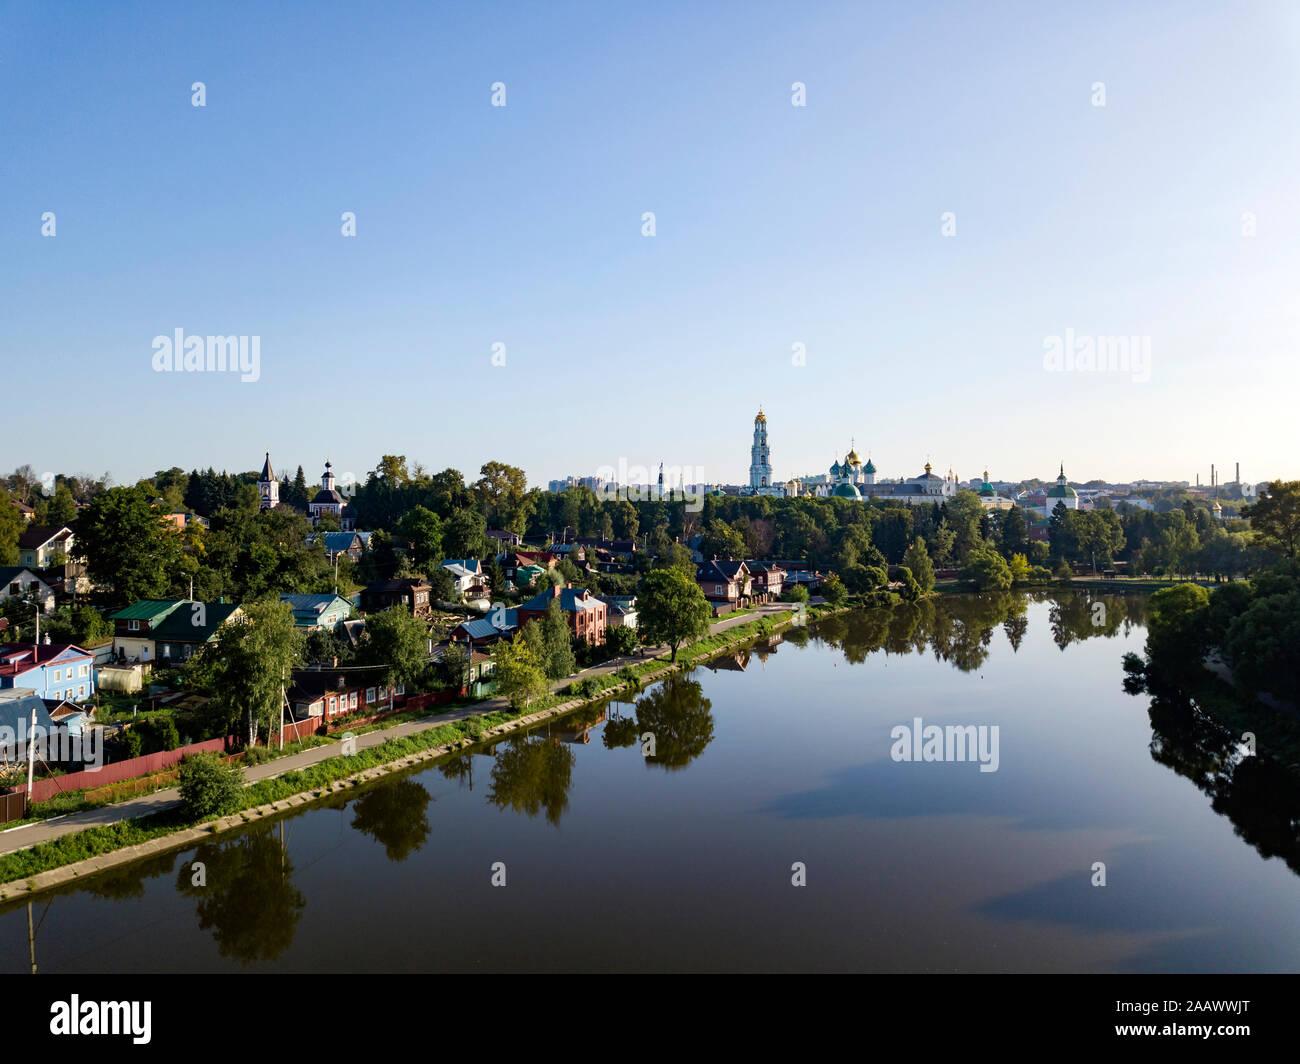 High angle view of river contre ciel clair en ville, Moscou, Russie Banque D'Images